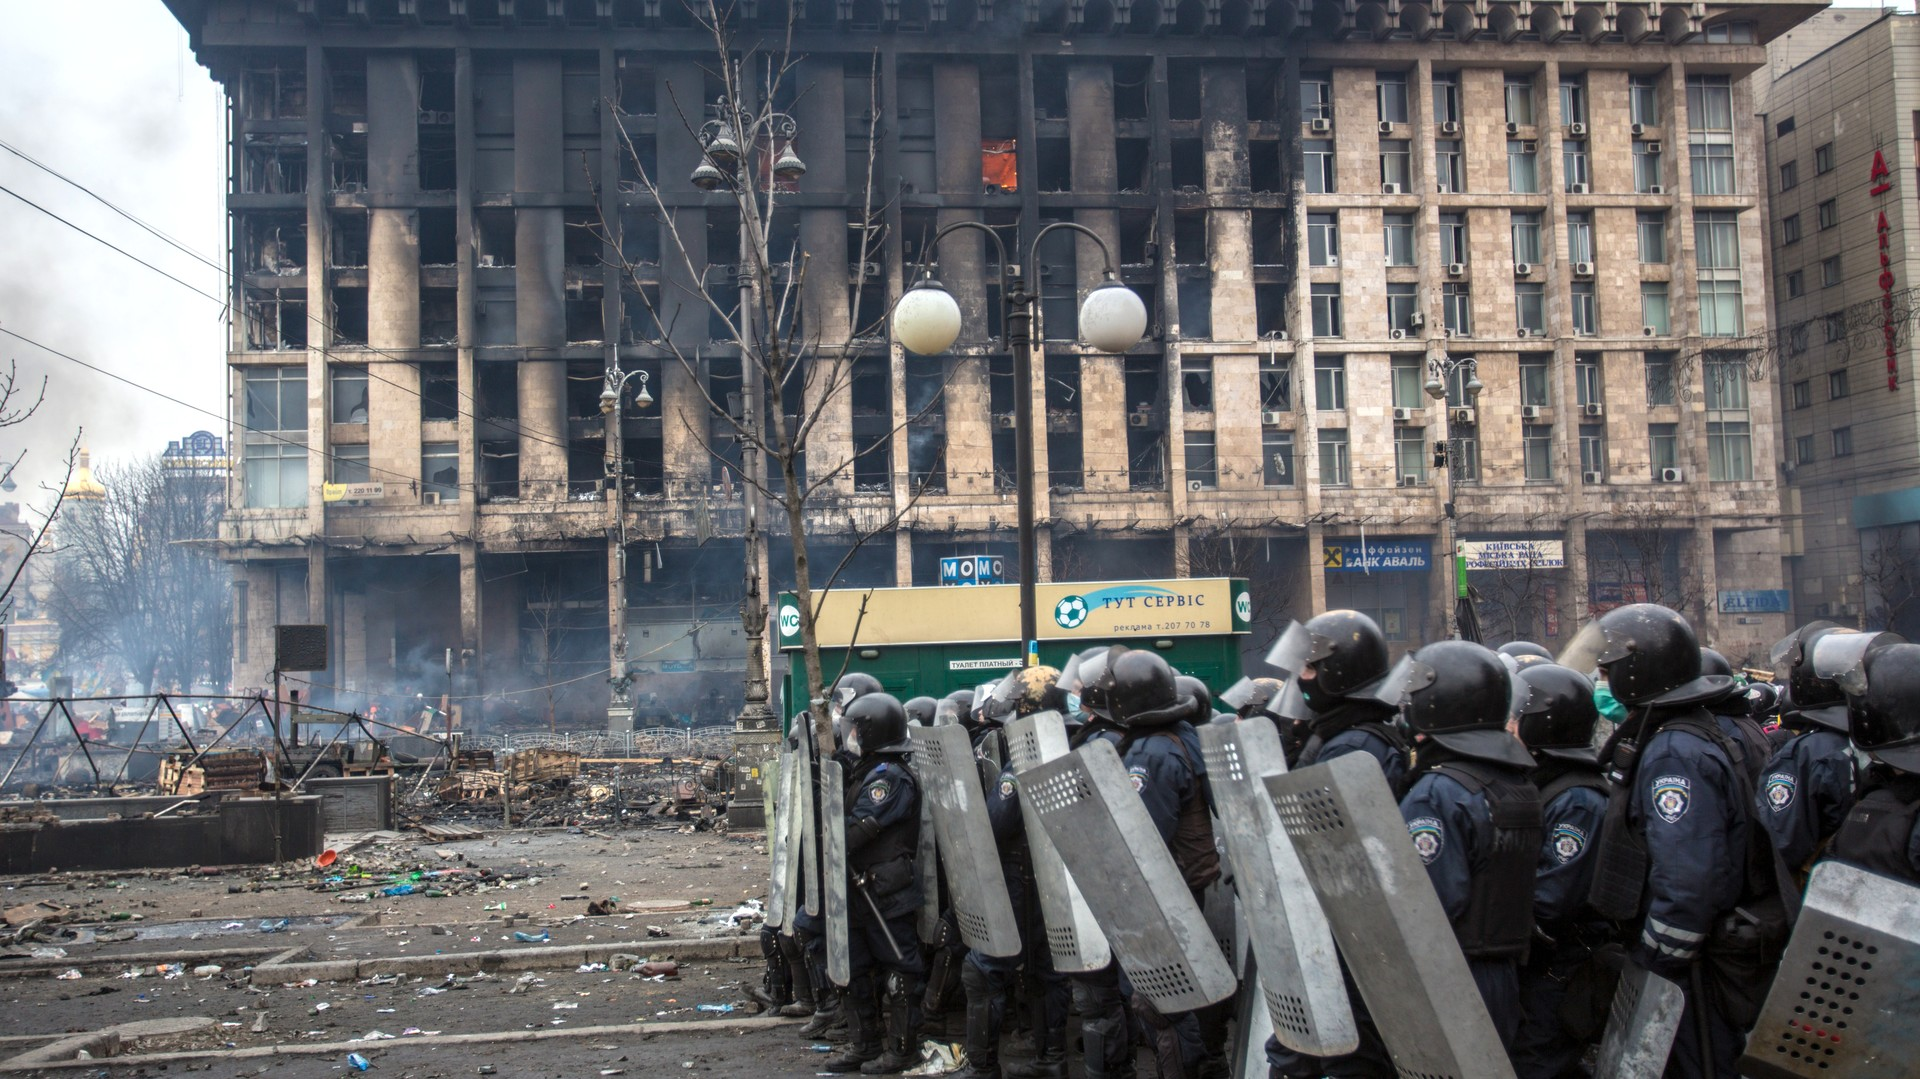 La maison des Syndicats pris d'assaut et brulé par les manifestants